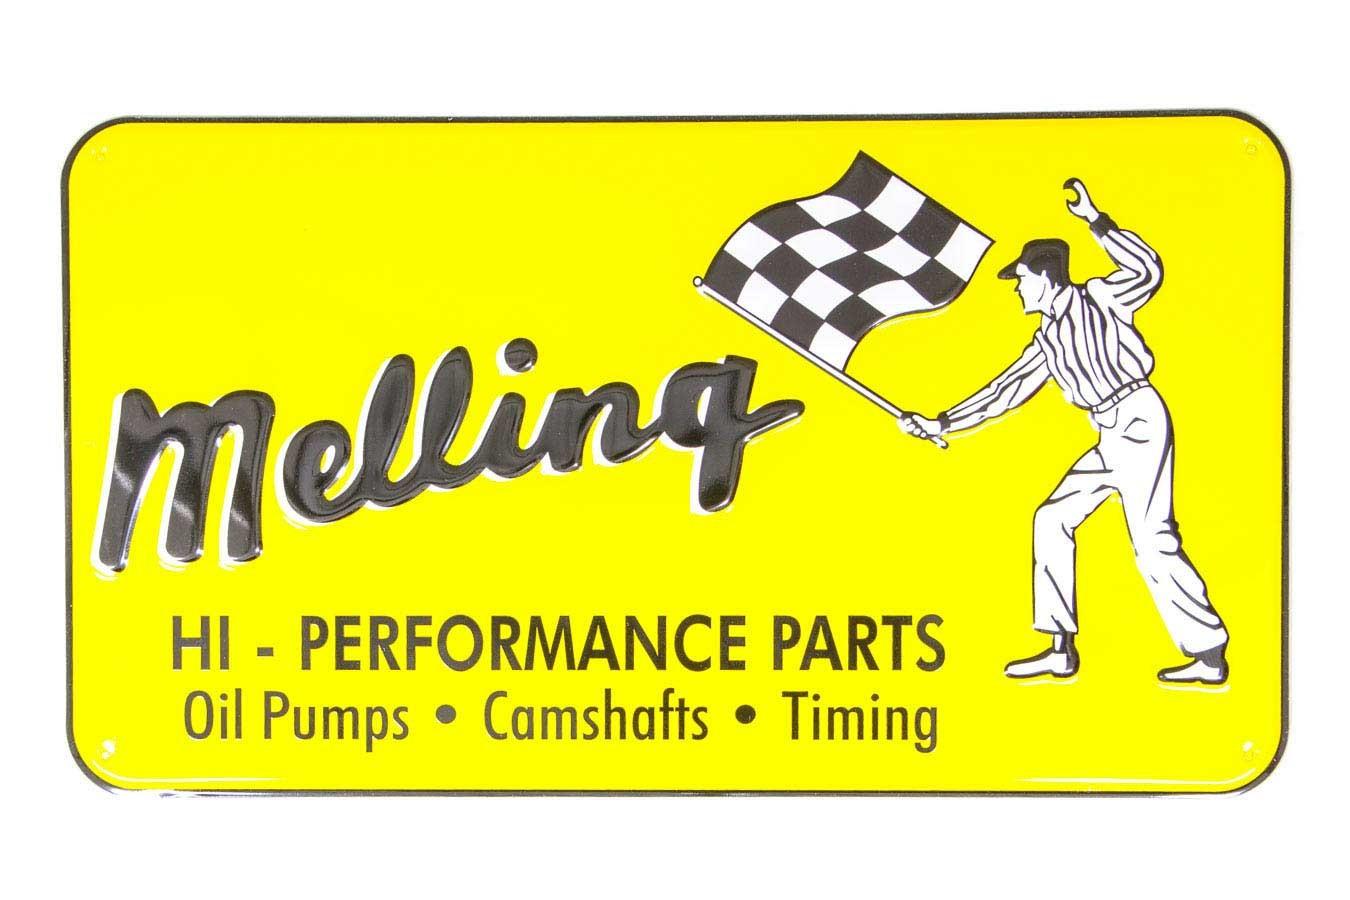 Melling 1960 Nostalgic Metal Sign - Yellow (Flag Man)